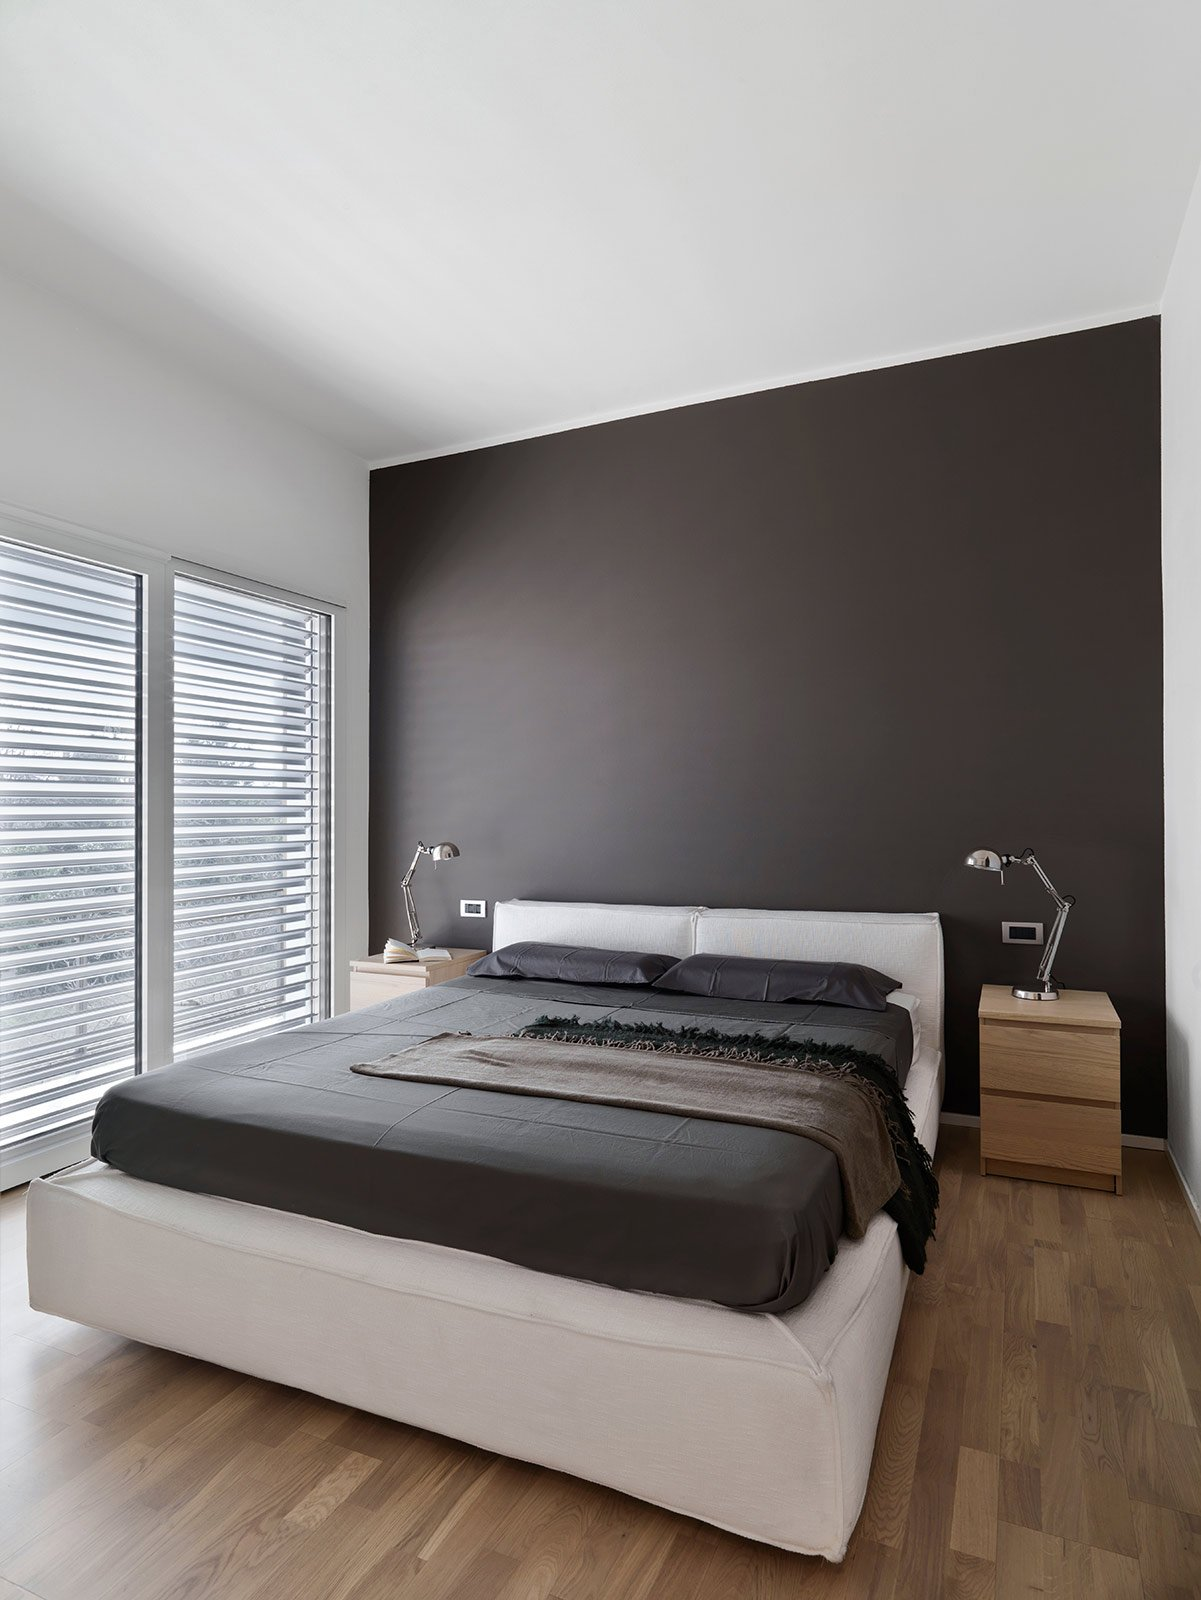 Una casa ristrutturata ridisegnando le prospettive interne cose di casa - Pareti camera da letto colorate ...